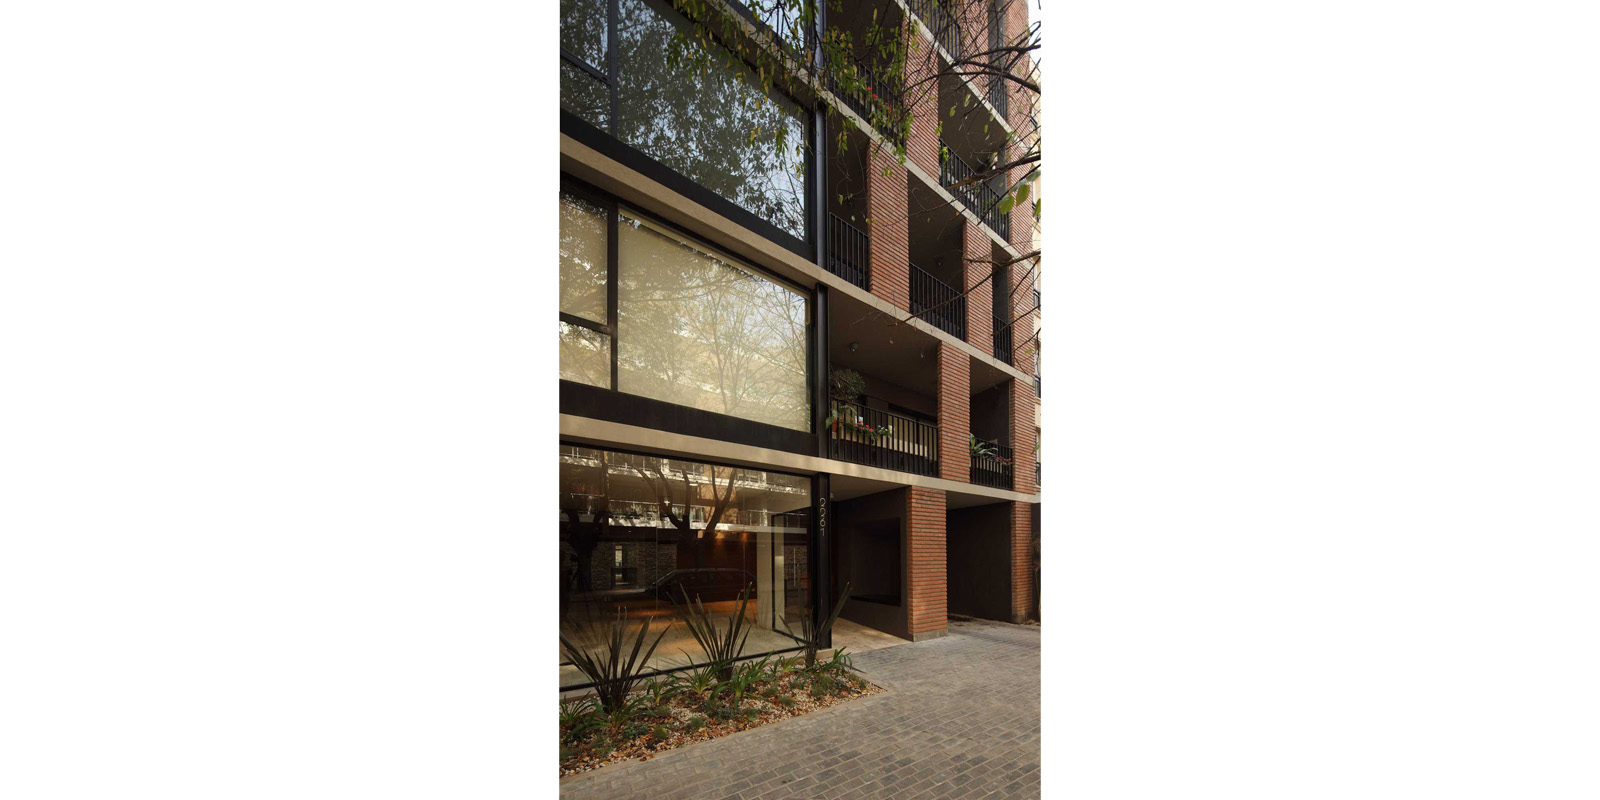 ProyectoC_Arquitectos_Portfolio_02_Vergara